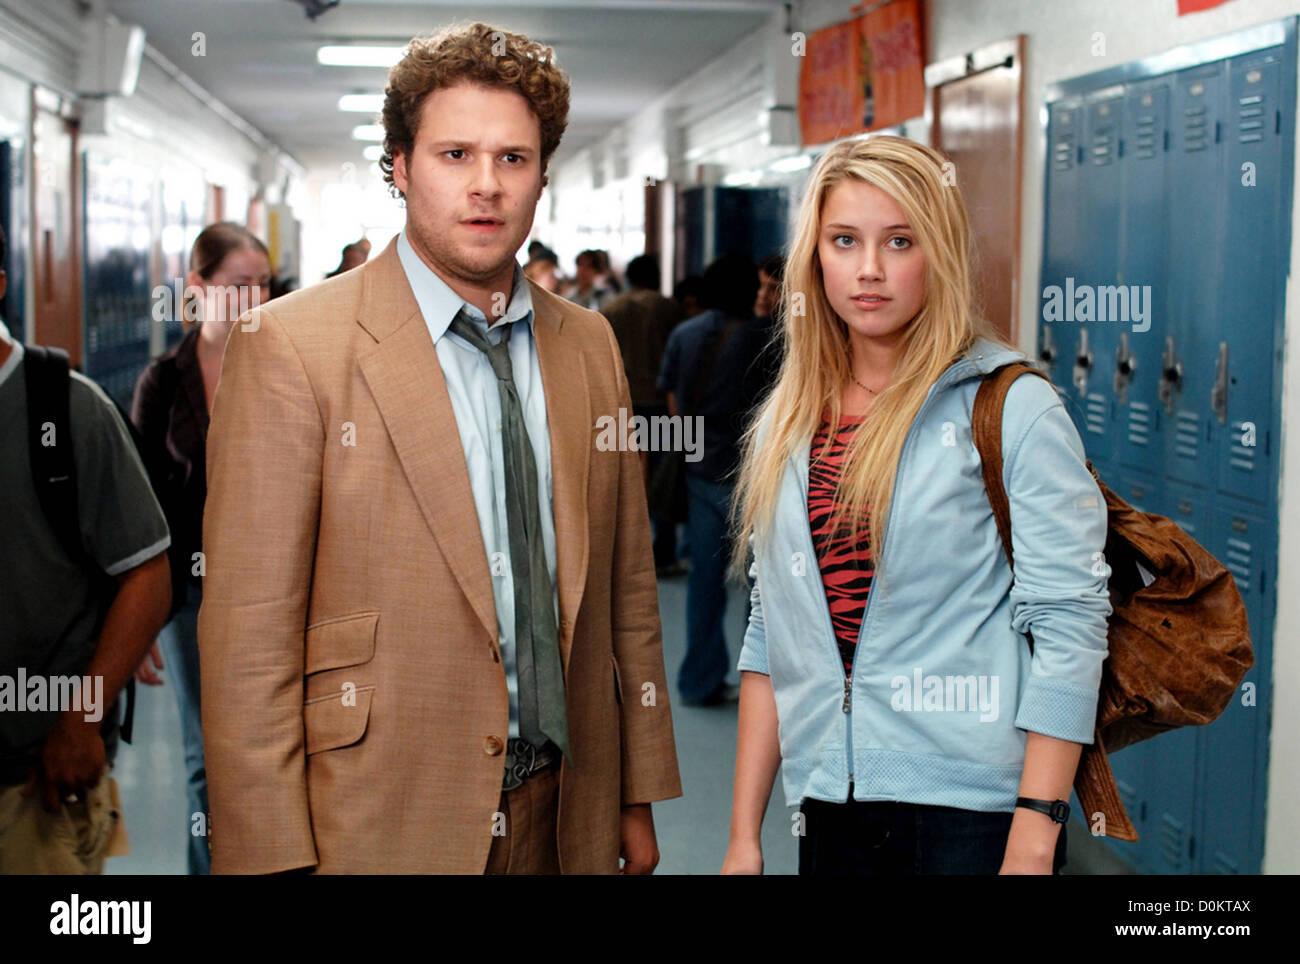 Amber Heard Seth Rogen Stockfotos & Amber Heard Seth Rogen Bilder ...